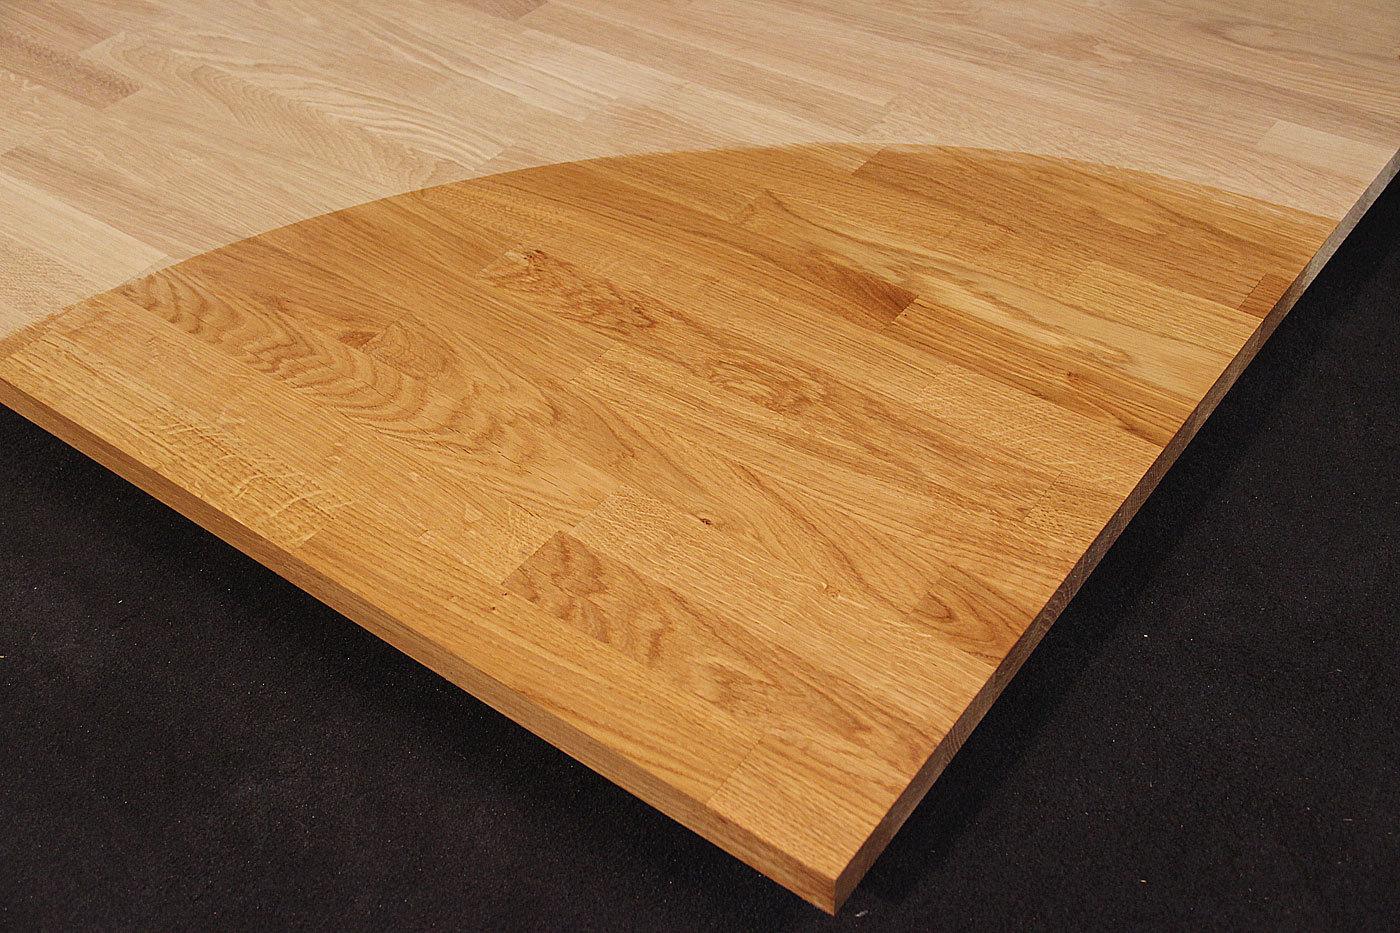 Küchenarbeitsplatte eiche  Küchenarbeitsplatte Massivholz Eiche kgz 26/2900/900